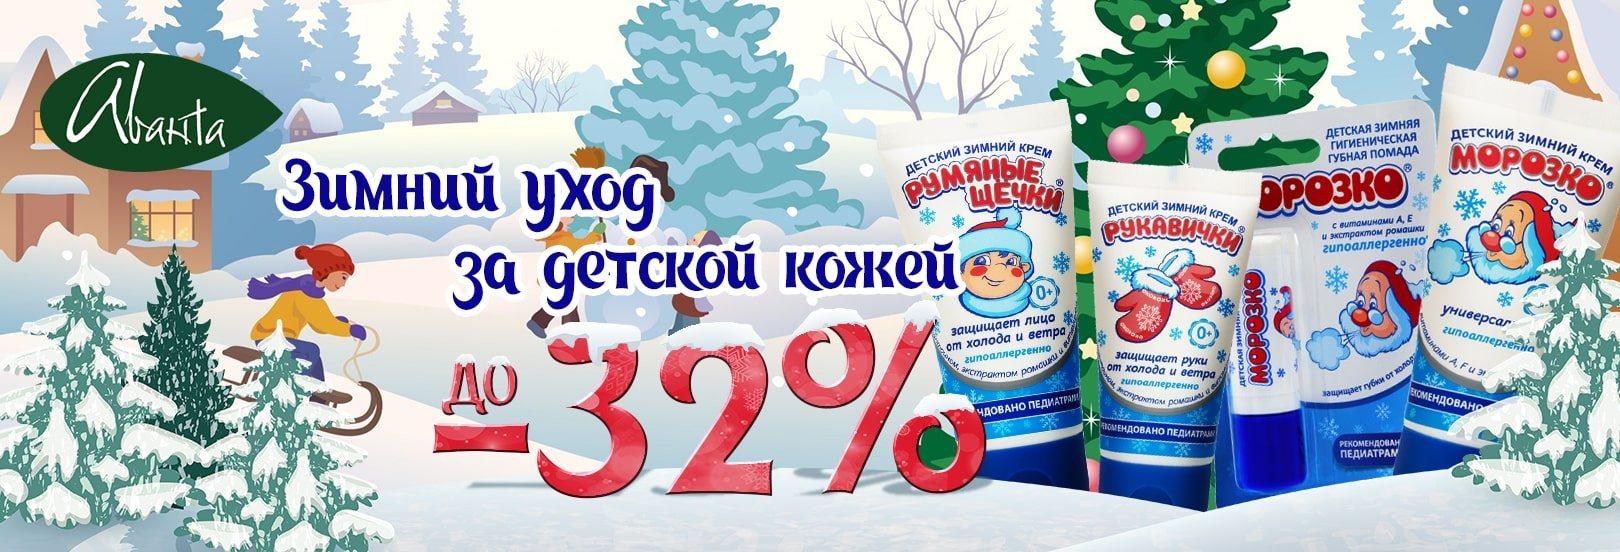 #защита от холода